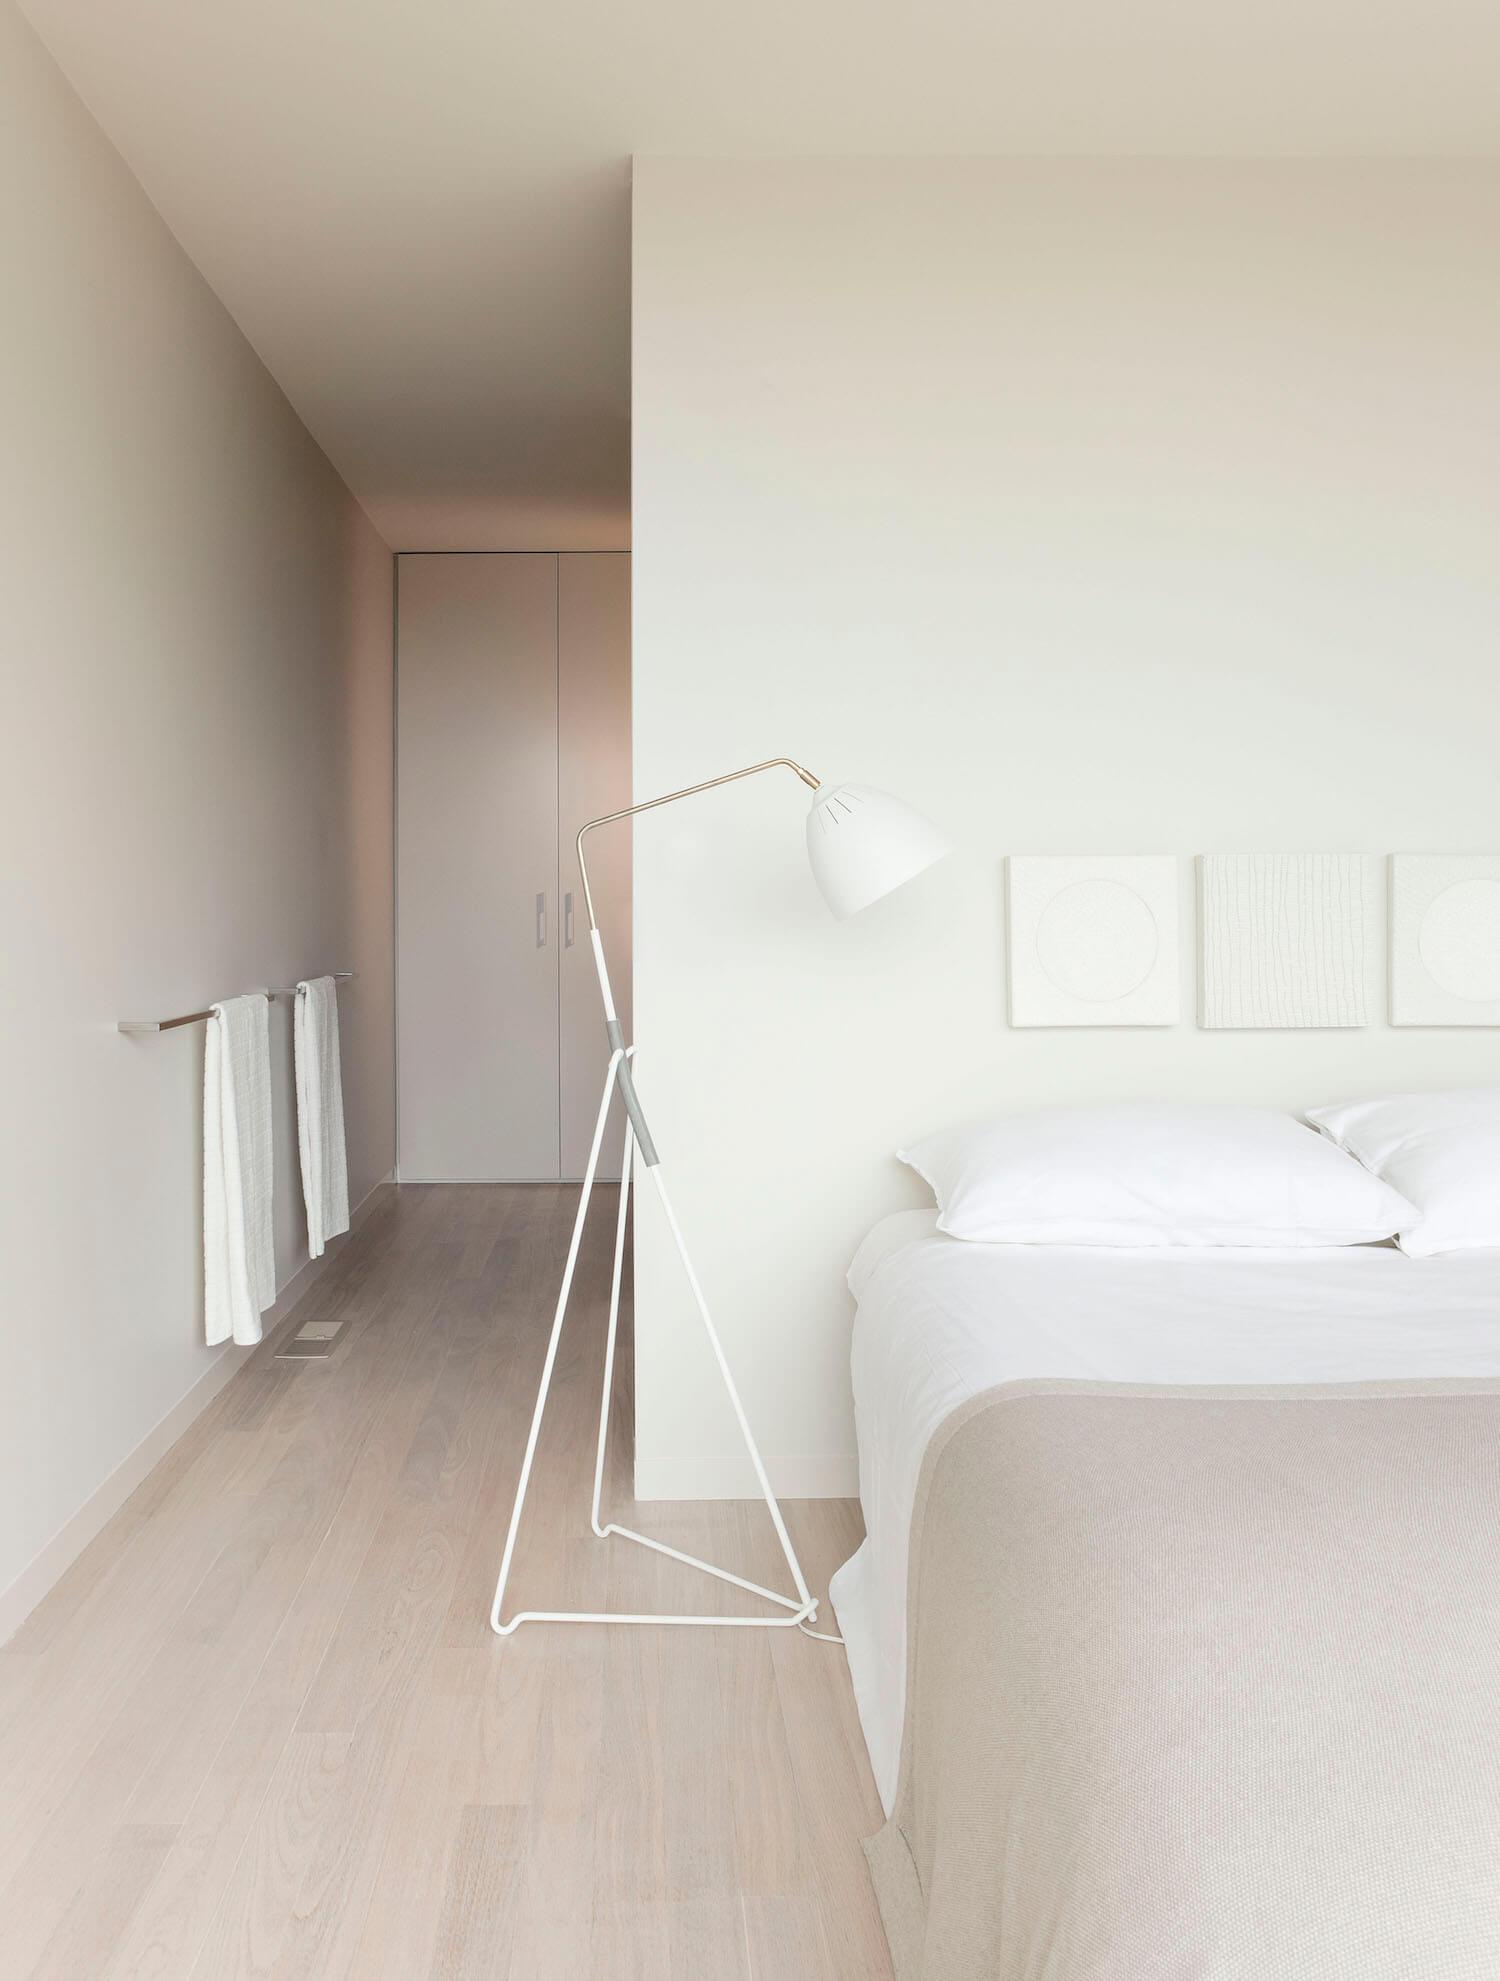 est living australian interiors studiofour ridge road residence image 14